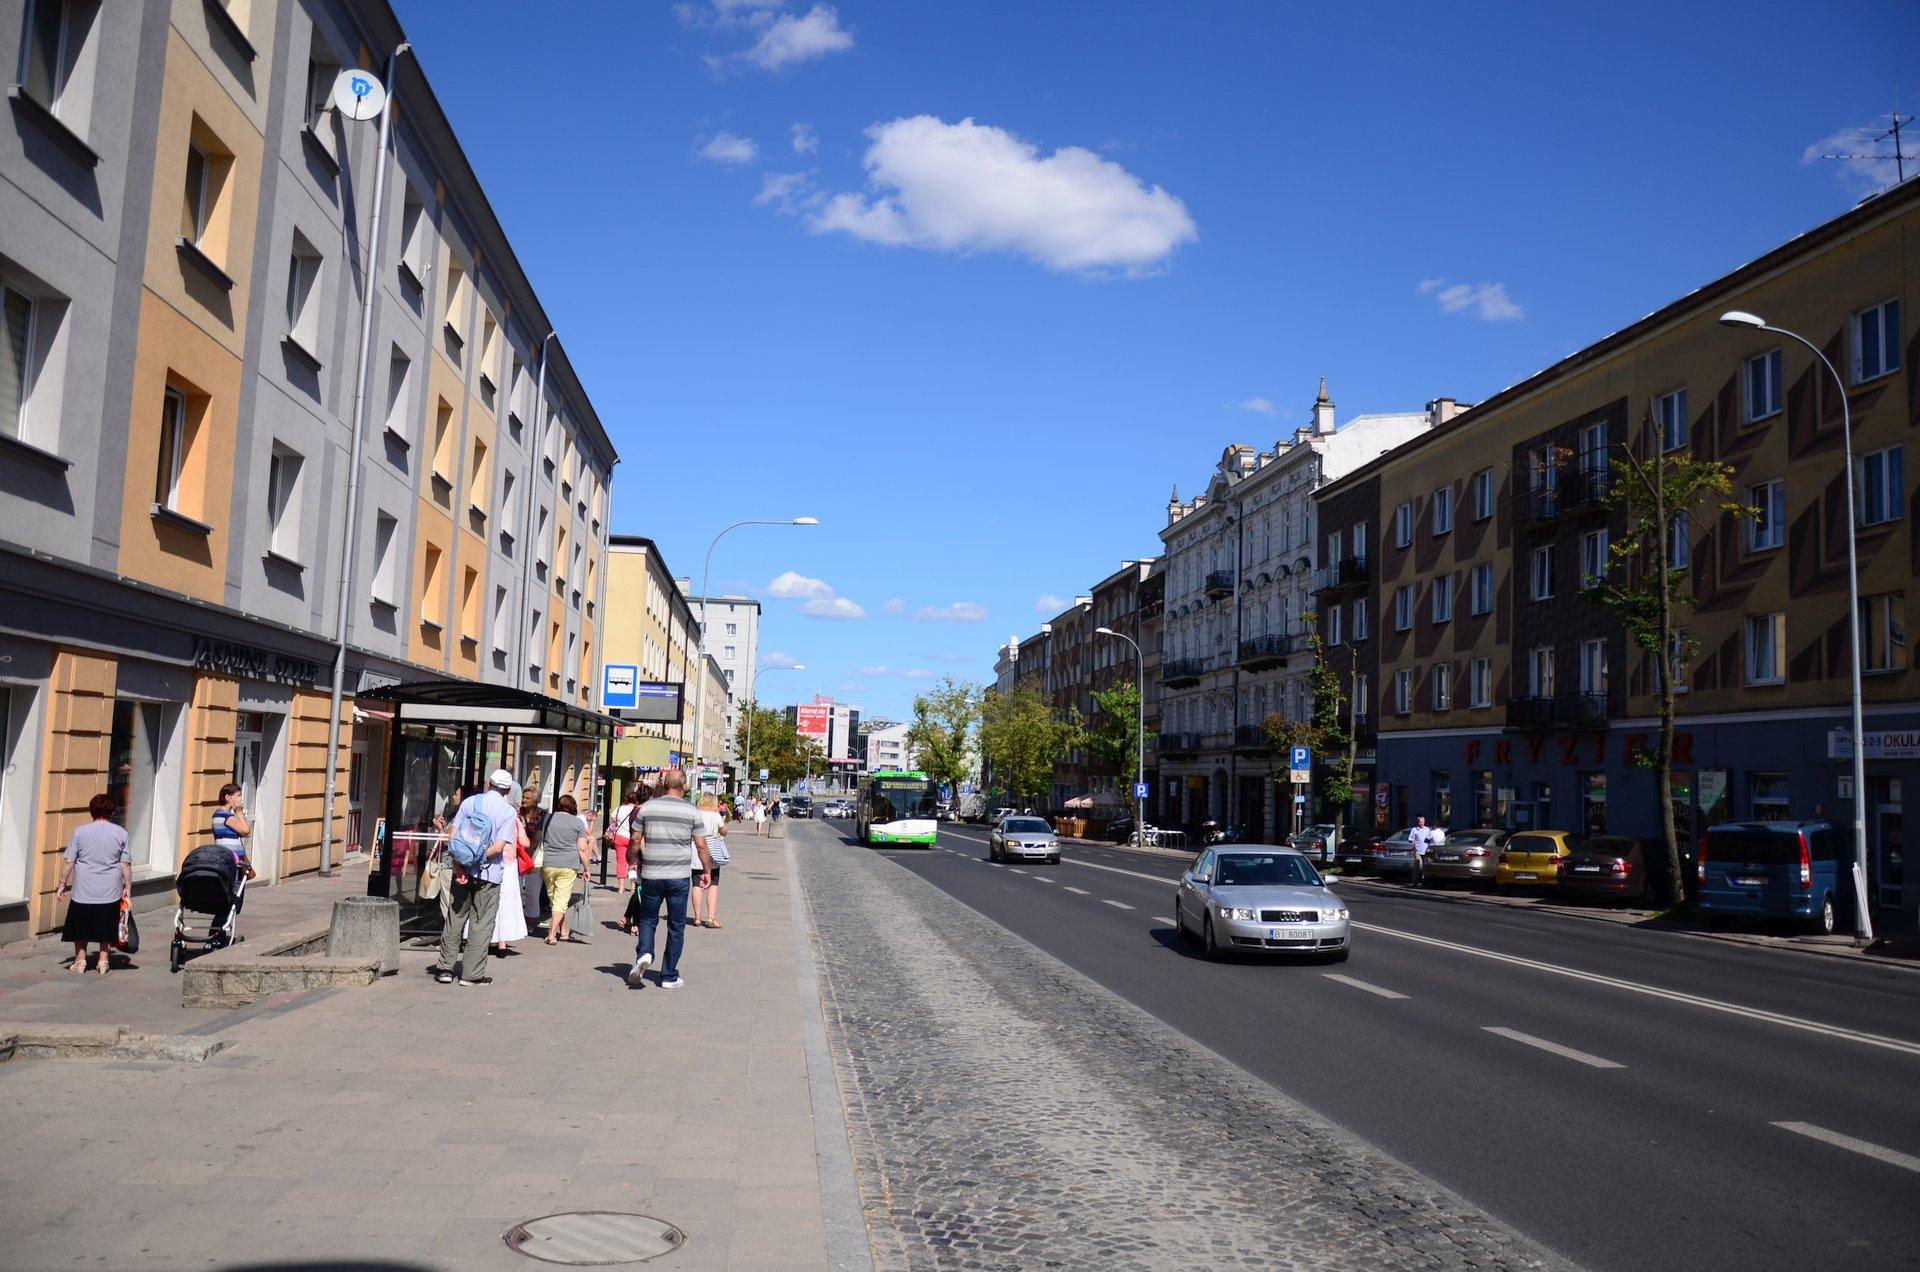 Białystok Sienkiewicza kamienica centrumfree photo darmowe zdjęcie